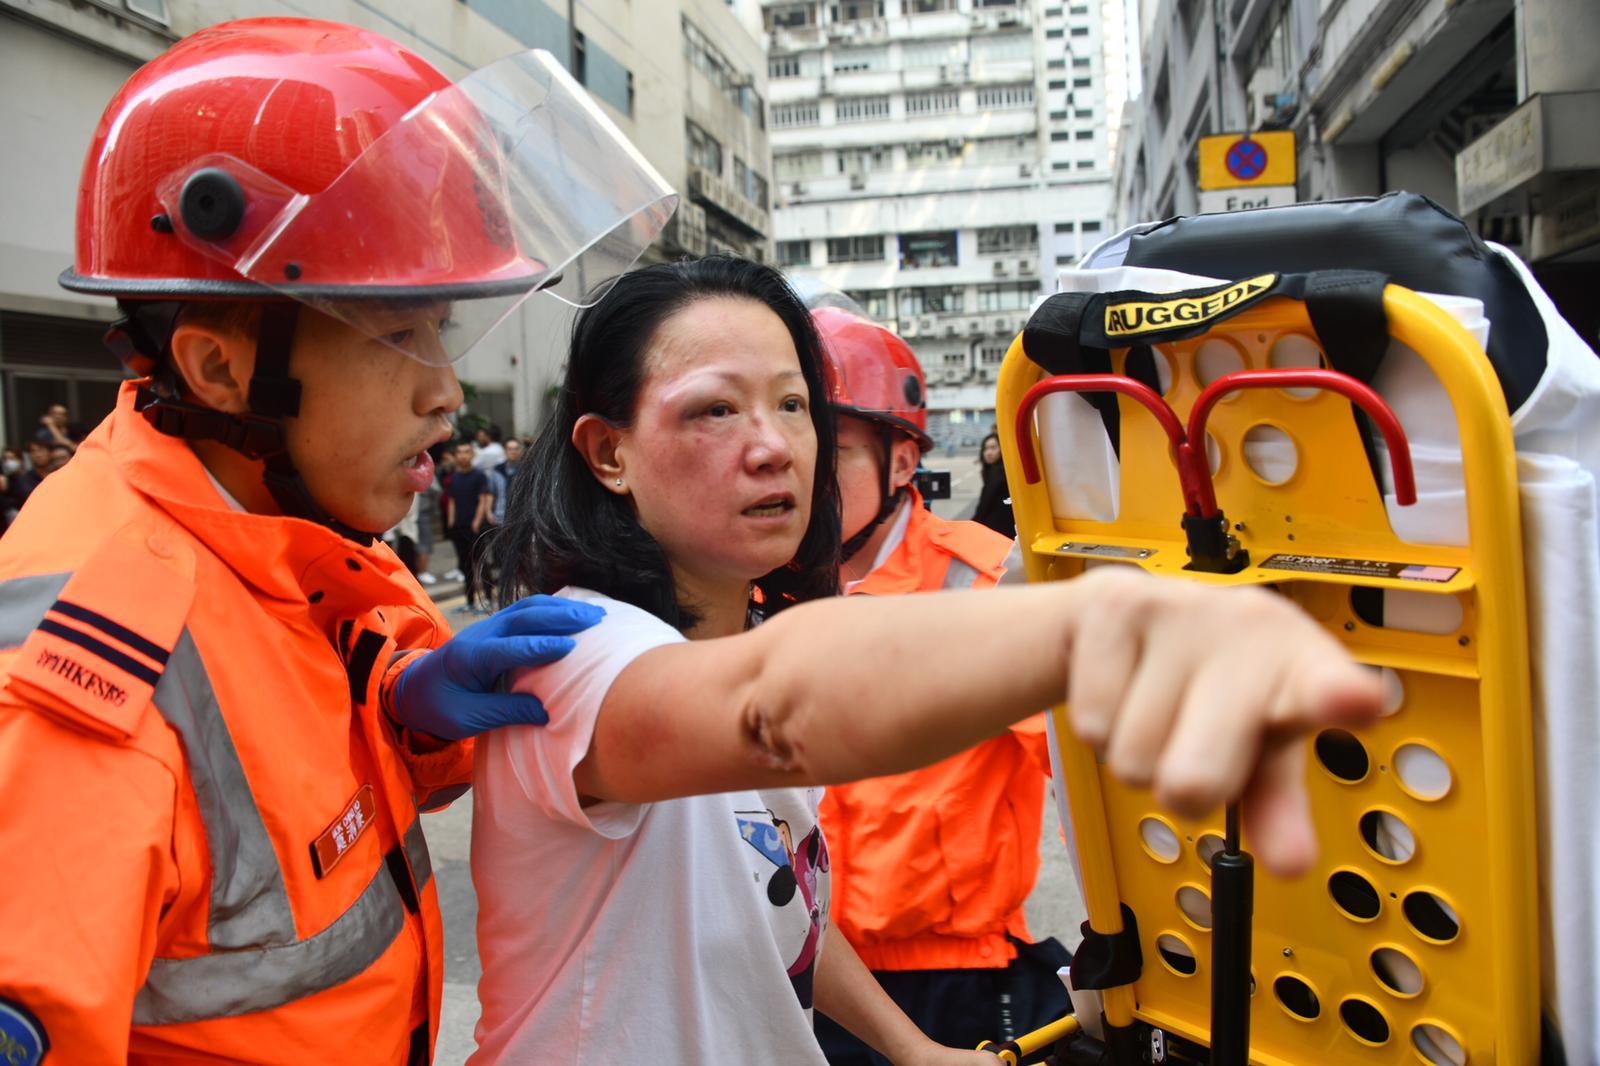 女子被打傷眼角,由救護員送院治理。